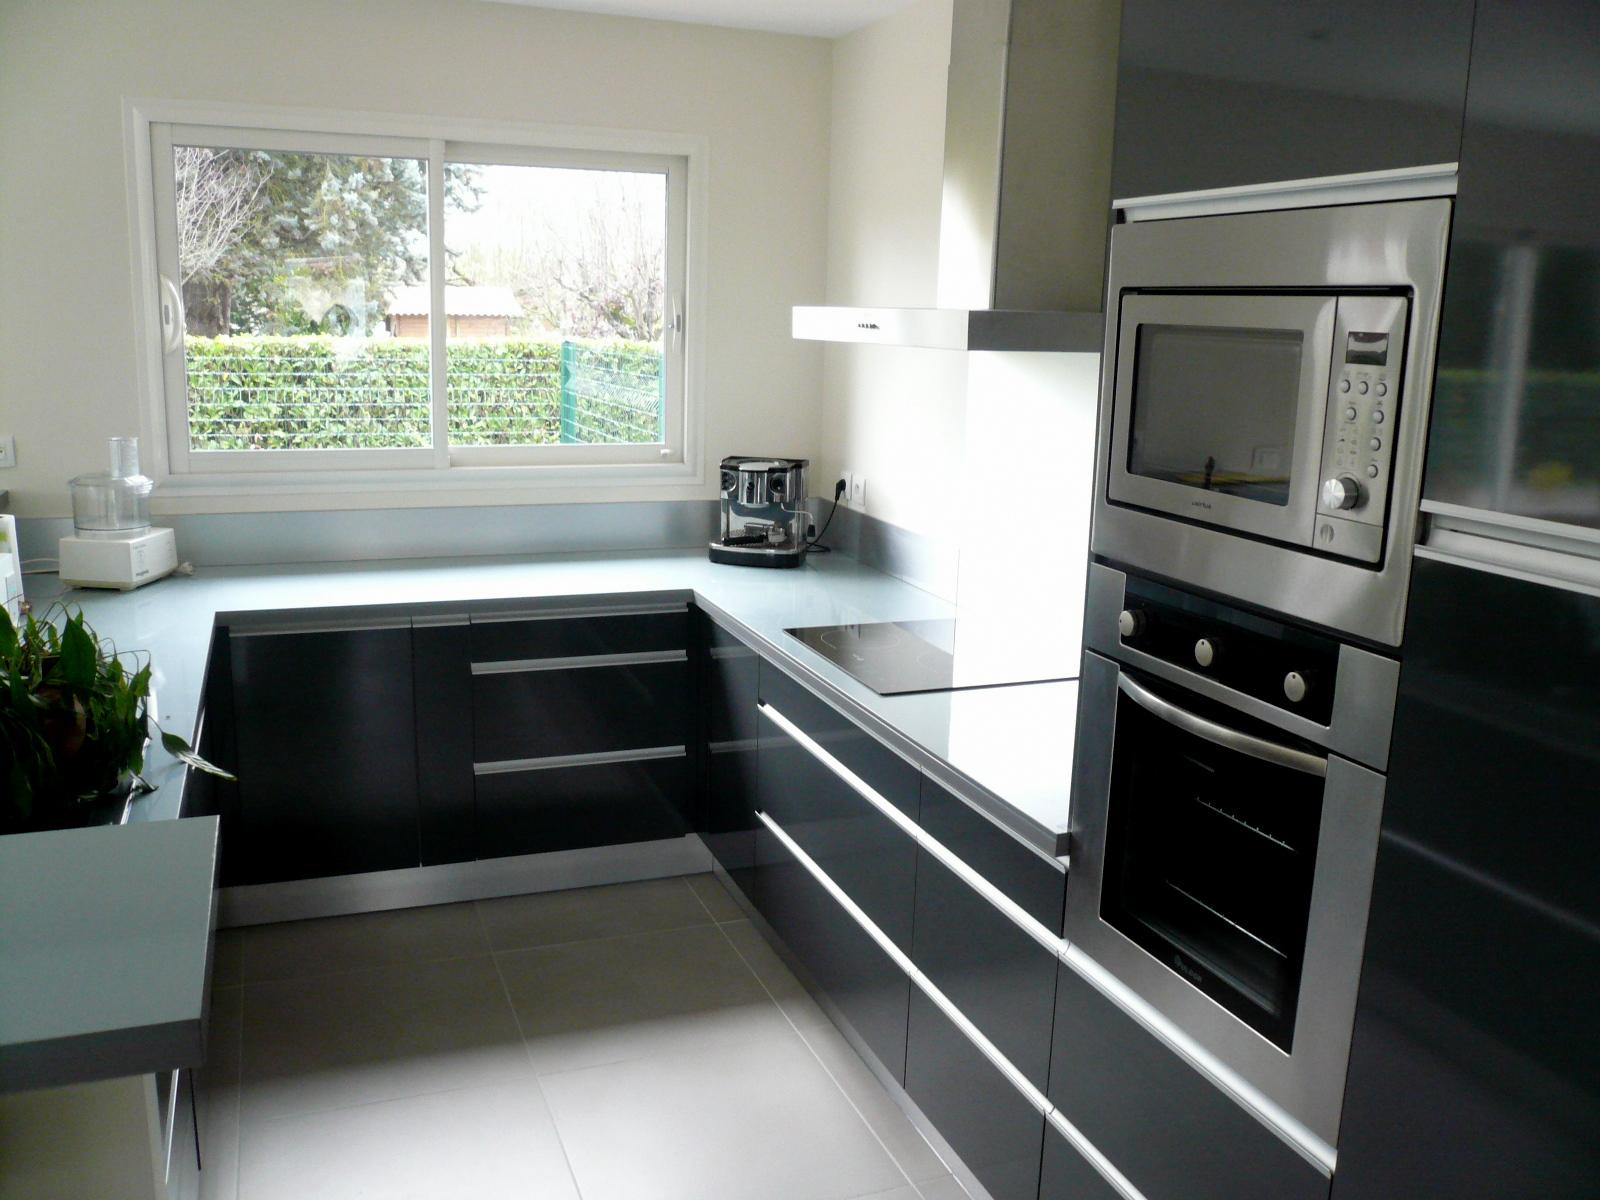 Cuisine grise fabricant de mobilier sur mesure pour r sidence h tellerie et particulier - Cuisine beige et gris ...